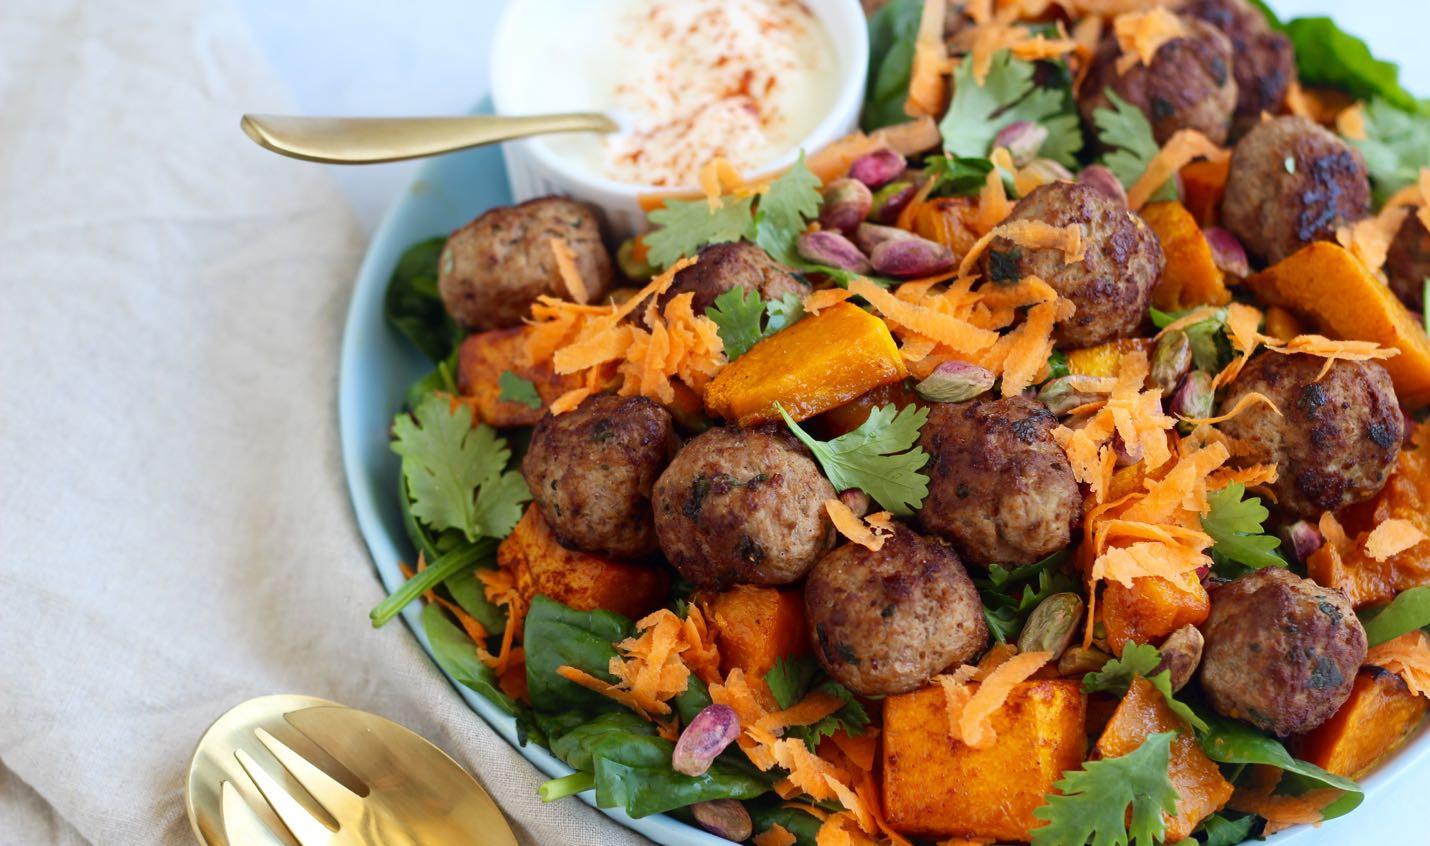 Healthy Pumpkin Recipes Dinner  Moroccan lamb and pumpkin salad